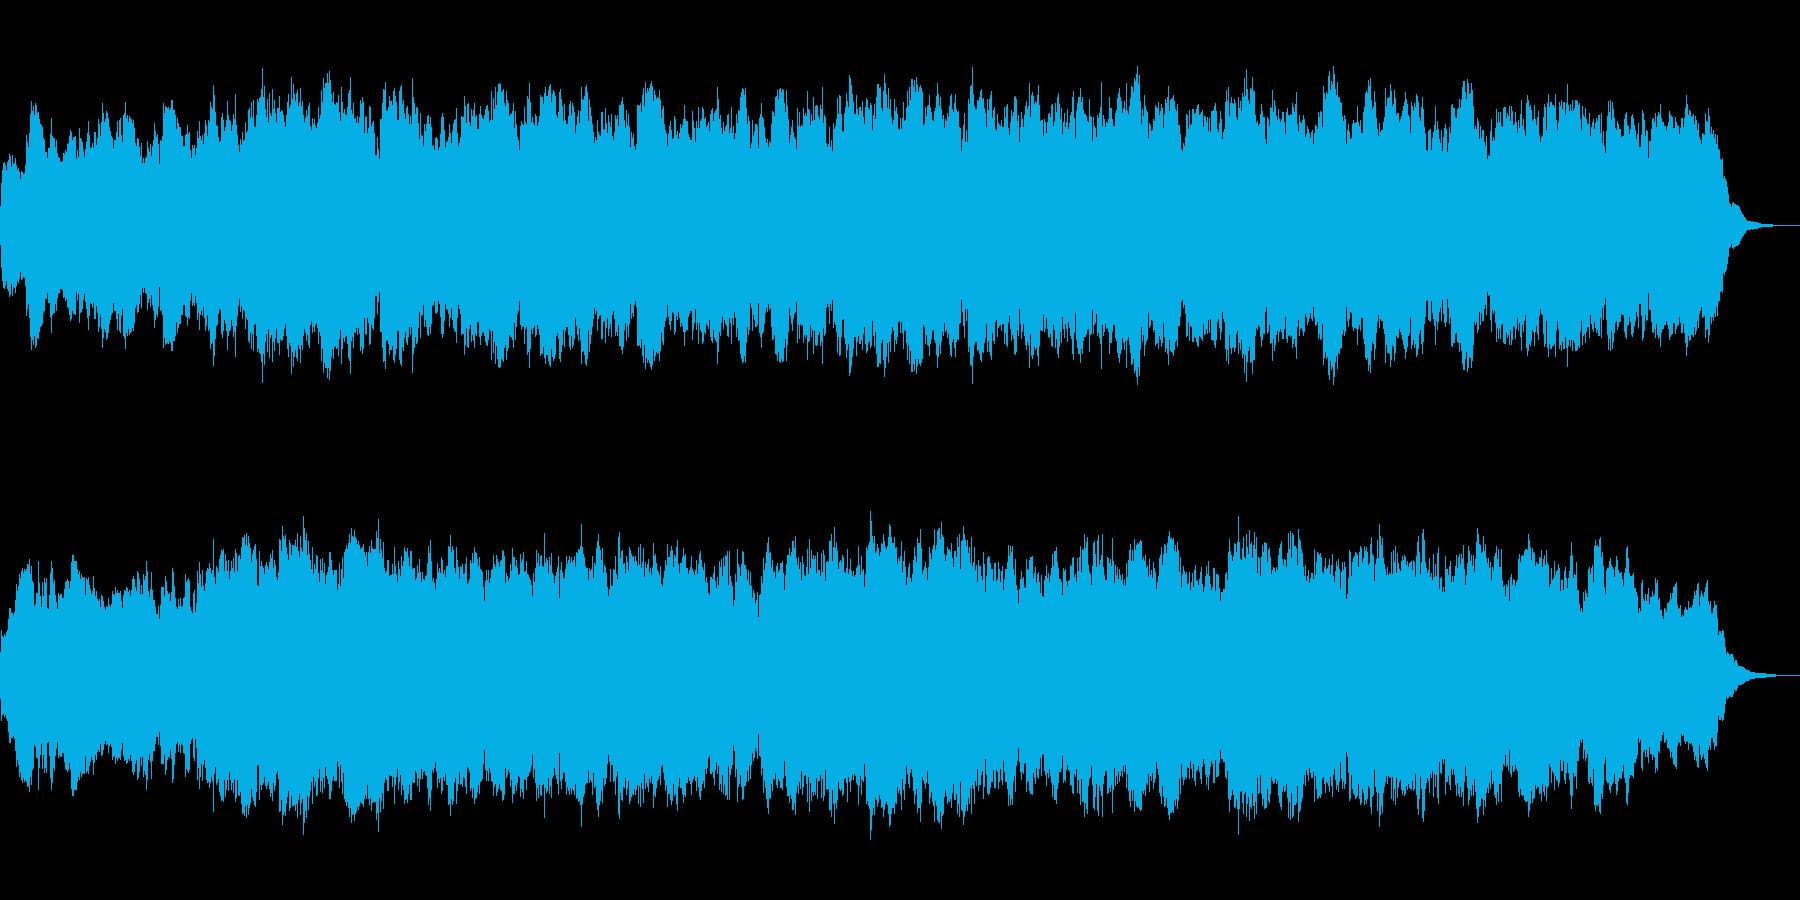 パイプオルガンのフーガ No.10の再生済みの波形